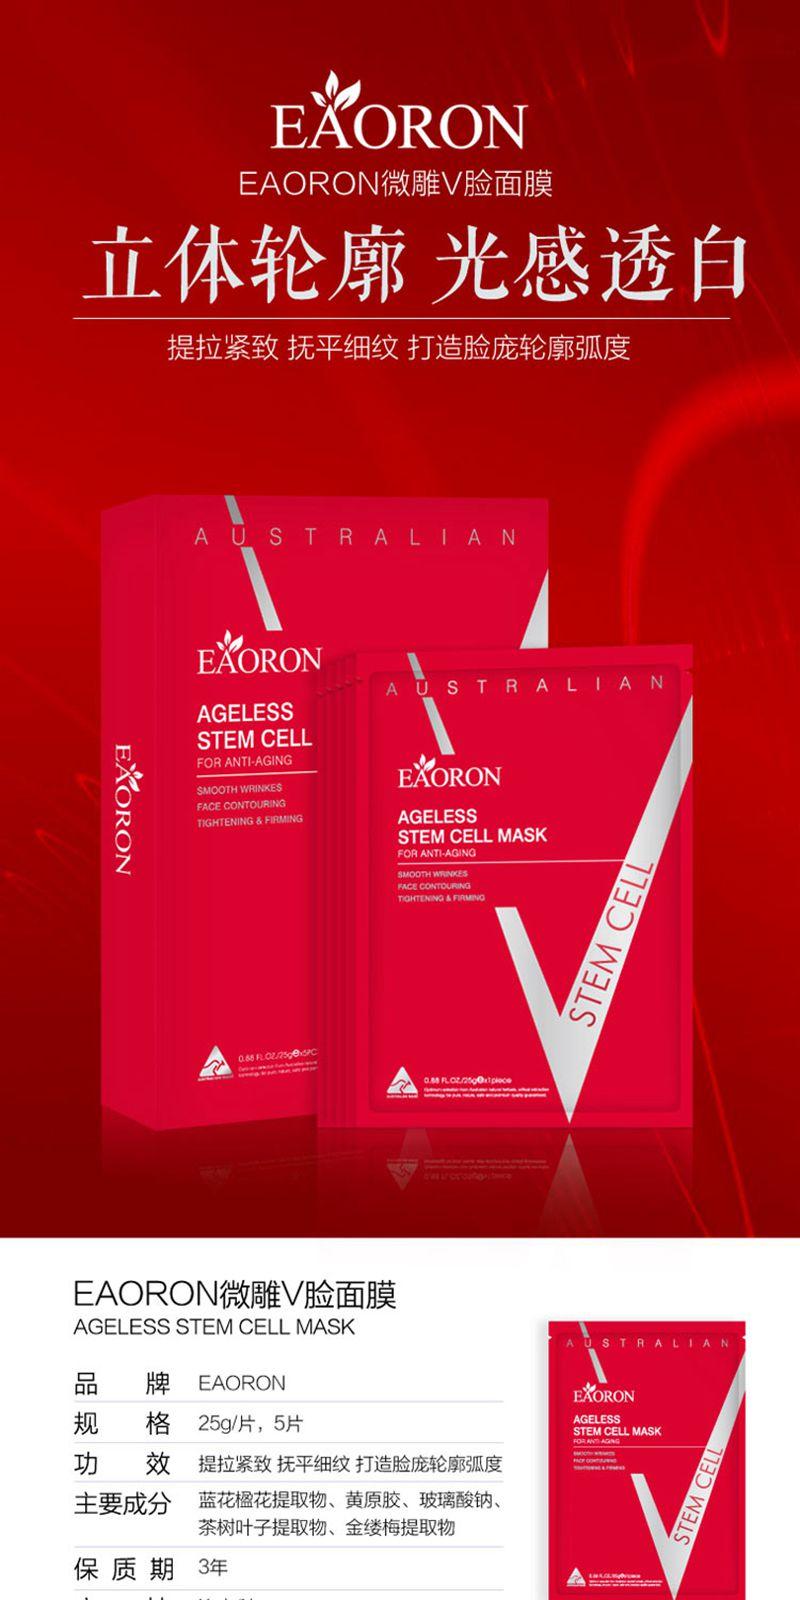 EAORON微雕V脸面膜补水提拉紧致平纹亮肤红膜5片 信息